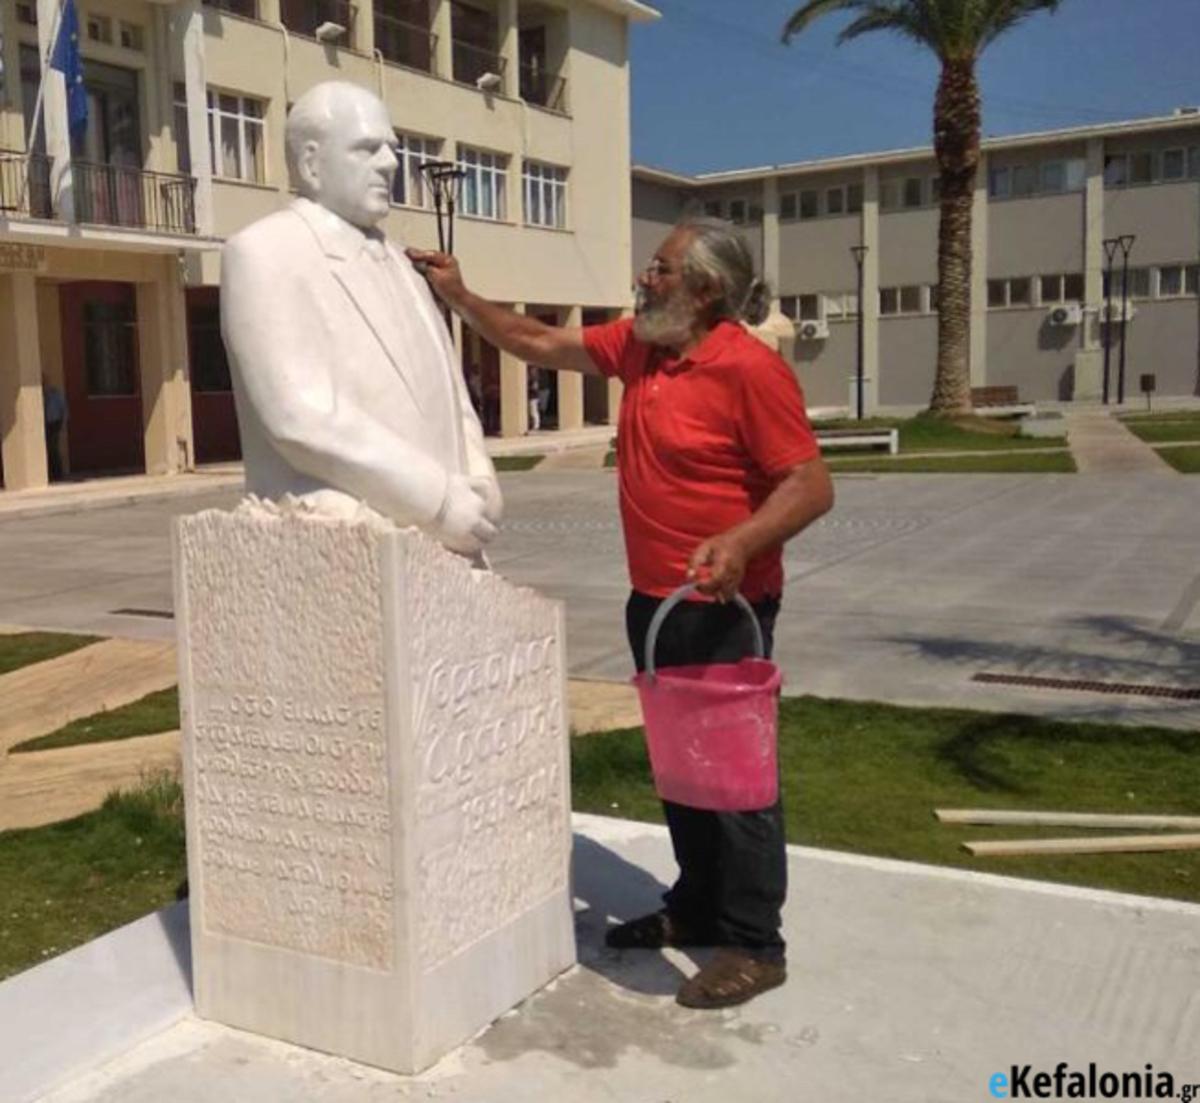 Κεφαλονιά: Αυτός είναι ο αδριάντας του Γεράσιμου Αρσένη – Οι πρώτες εικόνες πριν τα αποκαλυπτήρια [pics] | Newsit.gr